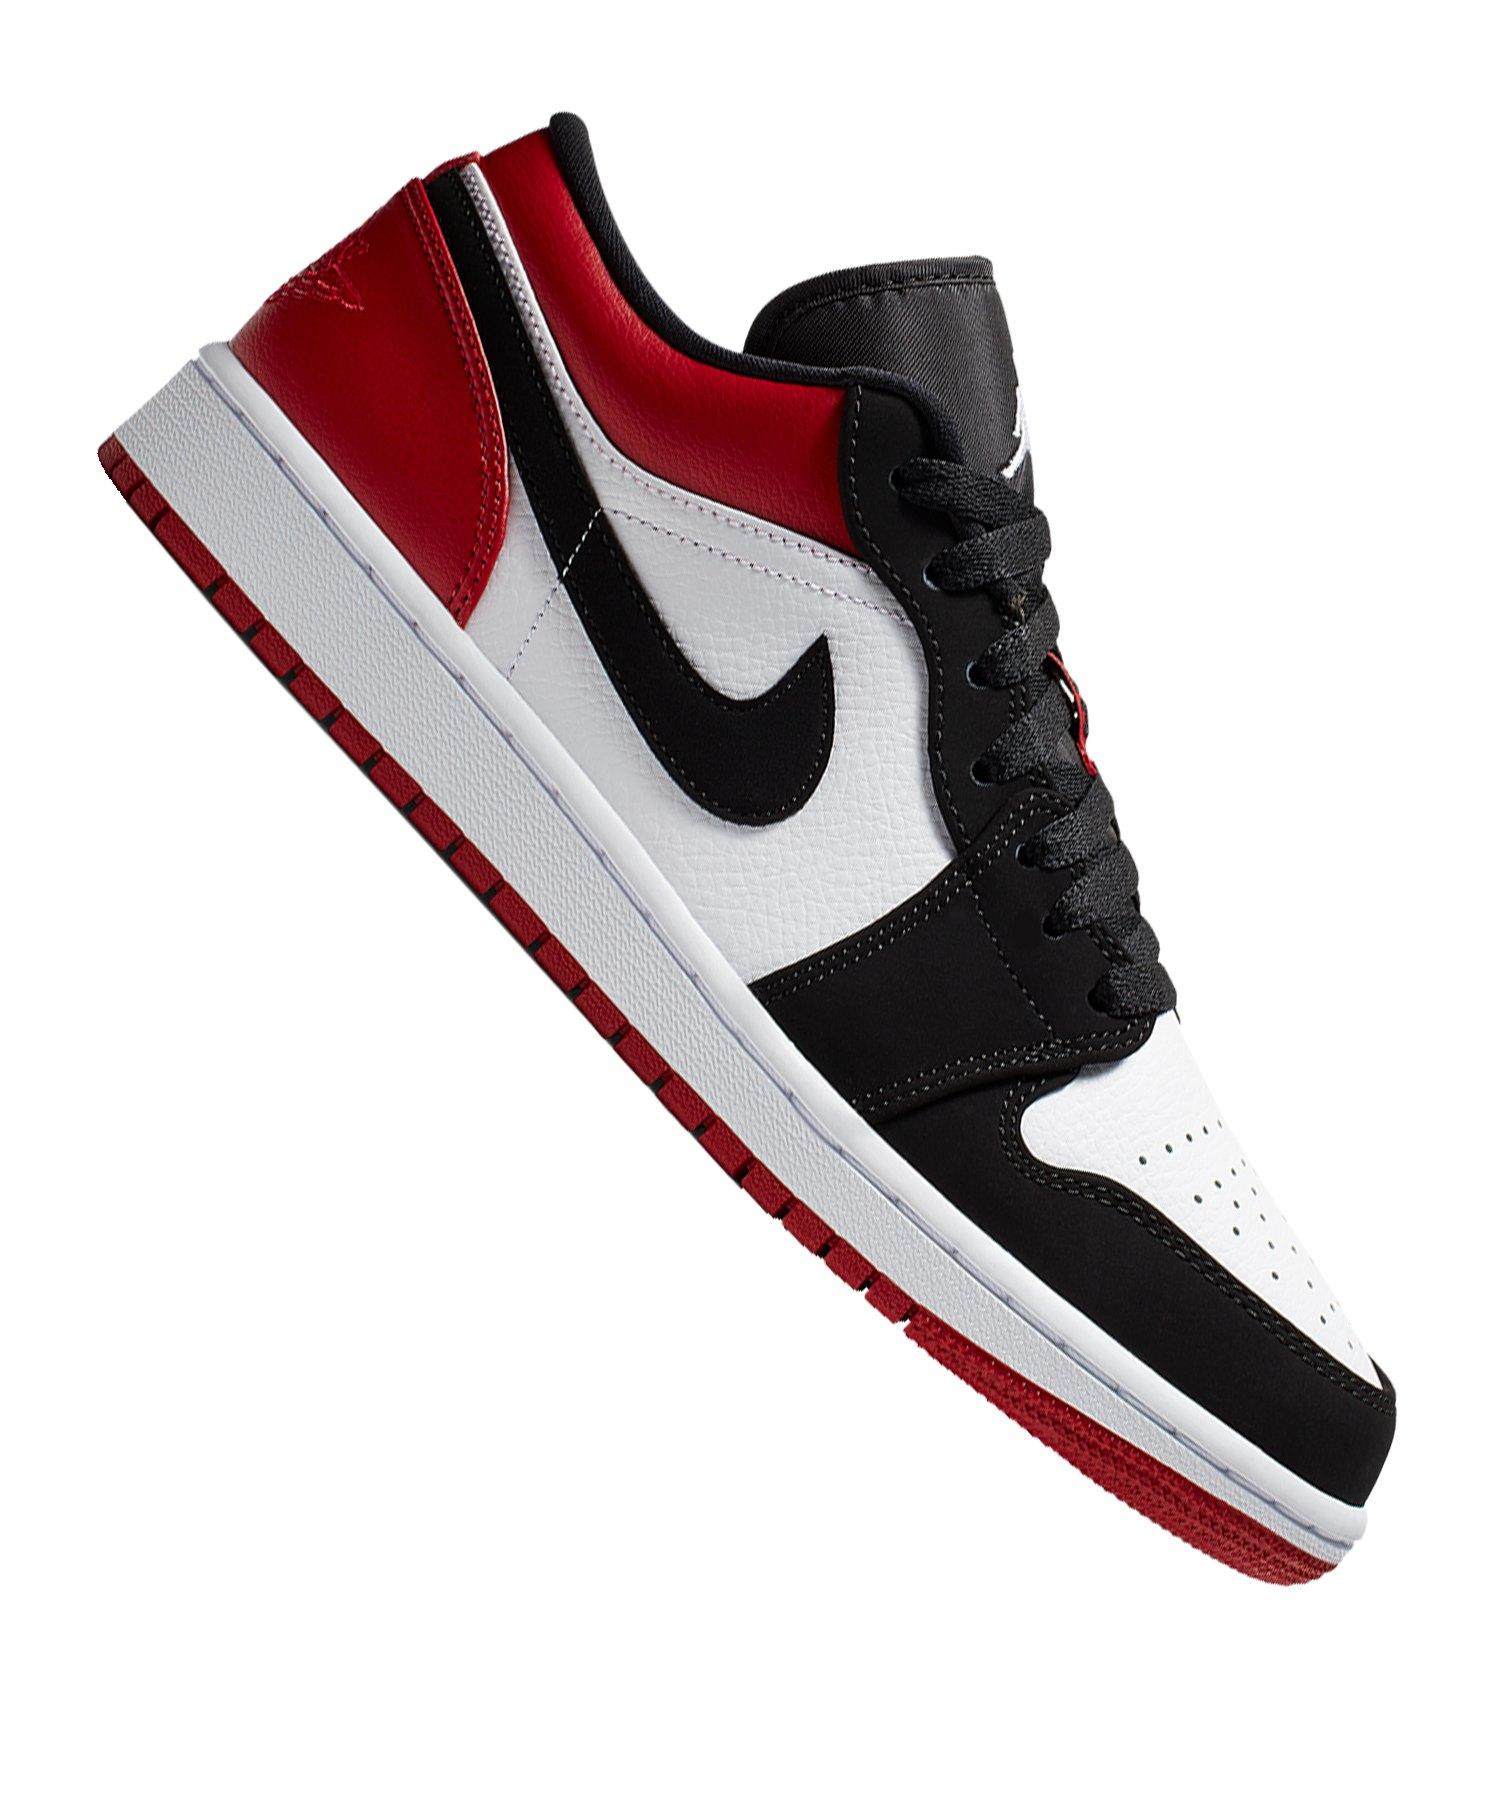 online retailer 4b01a 5d8c2 Jordan Air 1 Low Sneaker Weiss Schwarz Rot F116 - Weiss